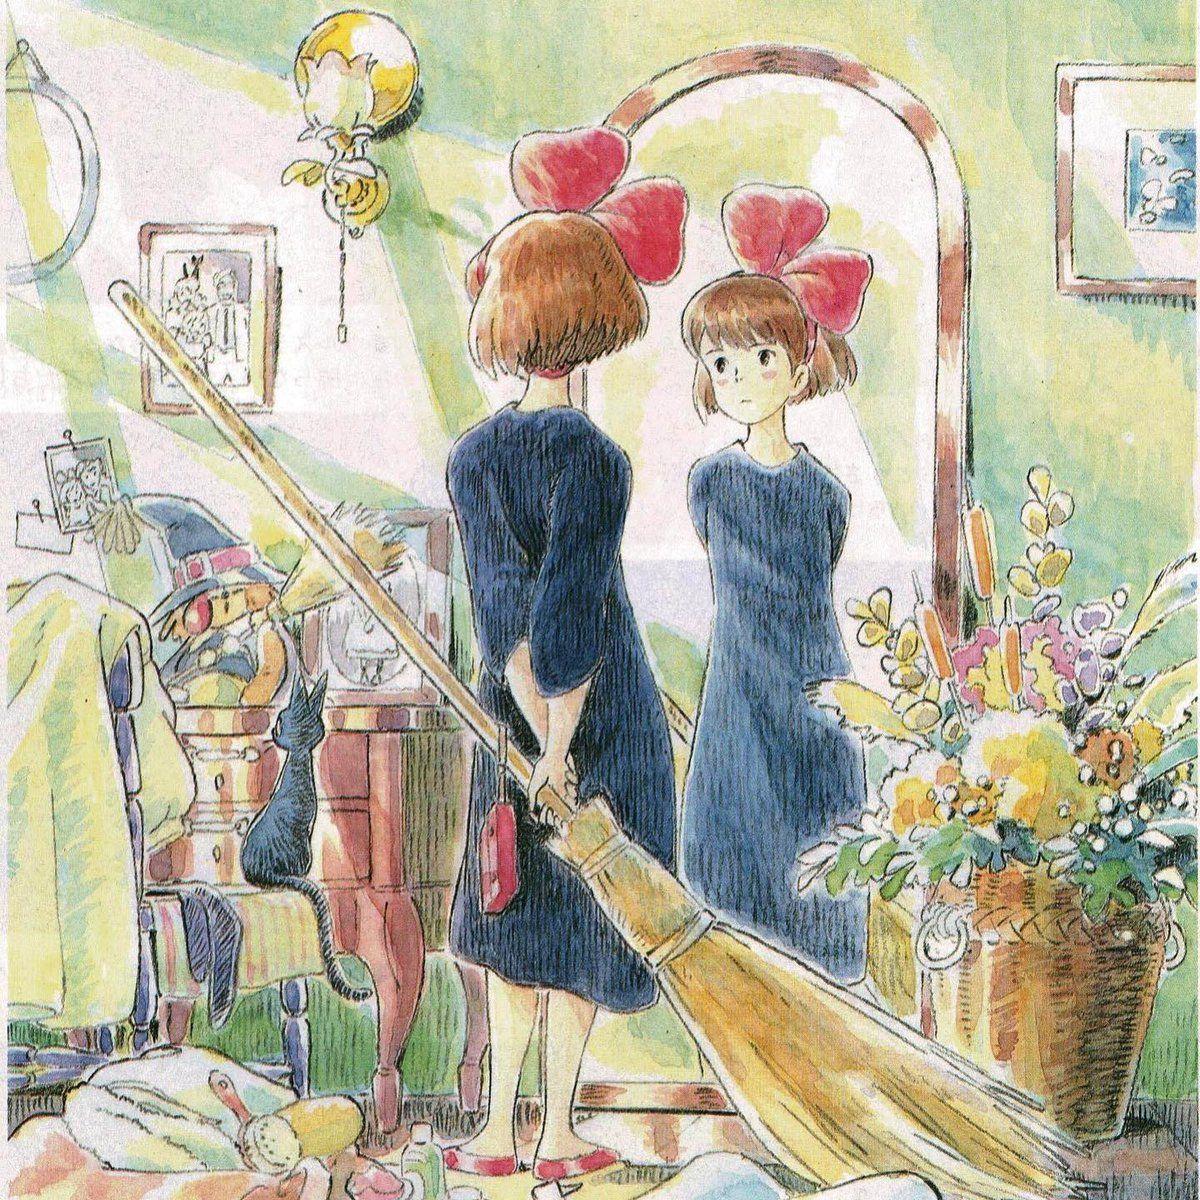 Kiki petite sorciere artwork 1